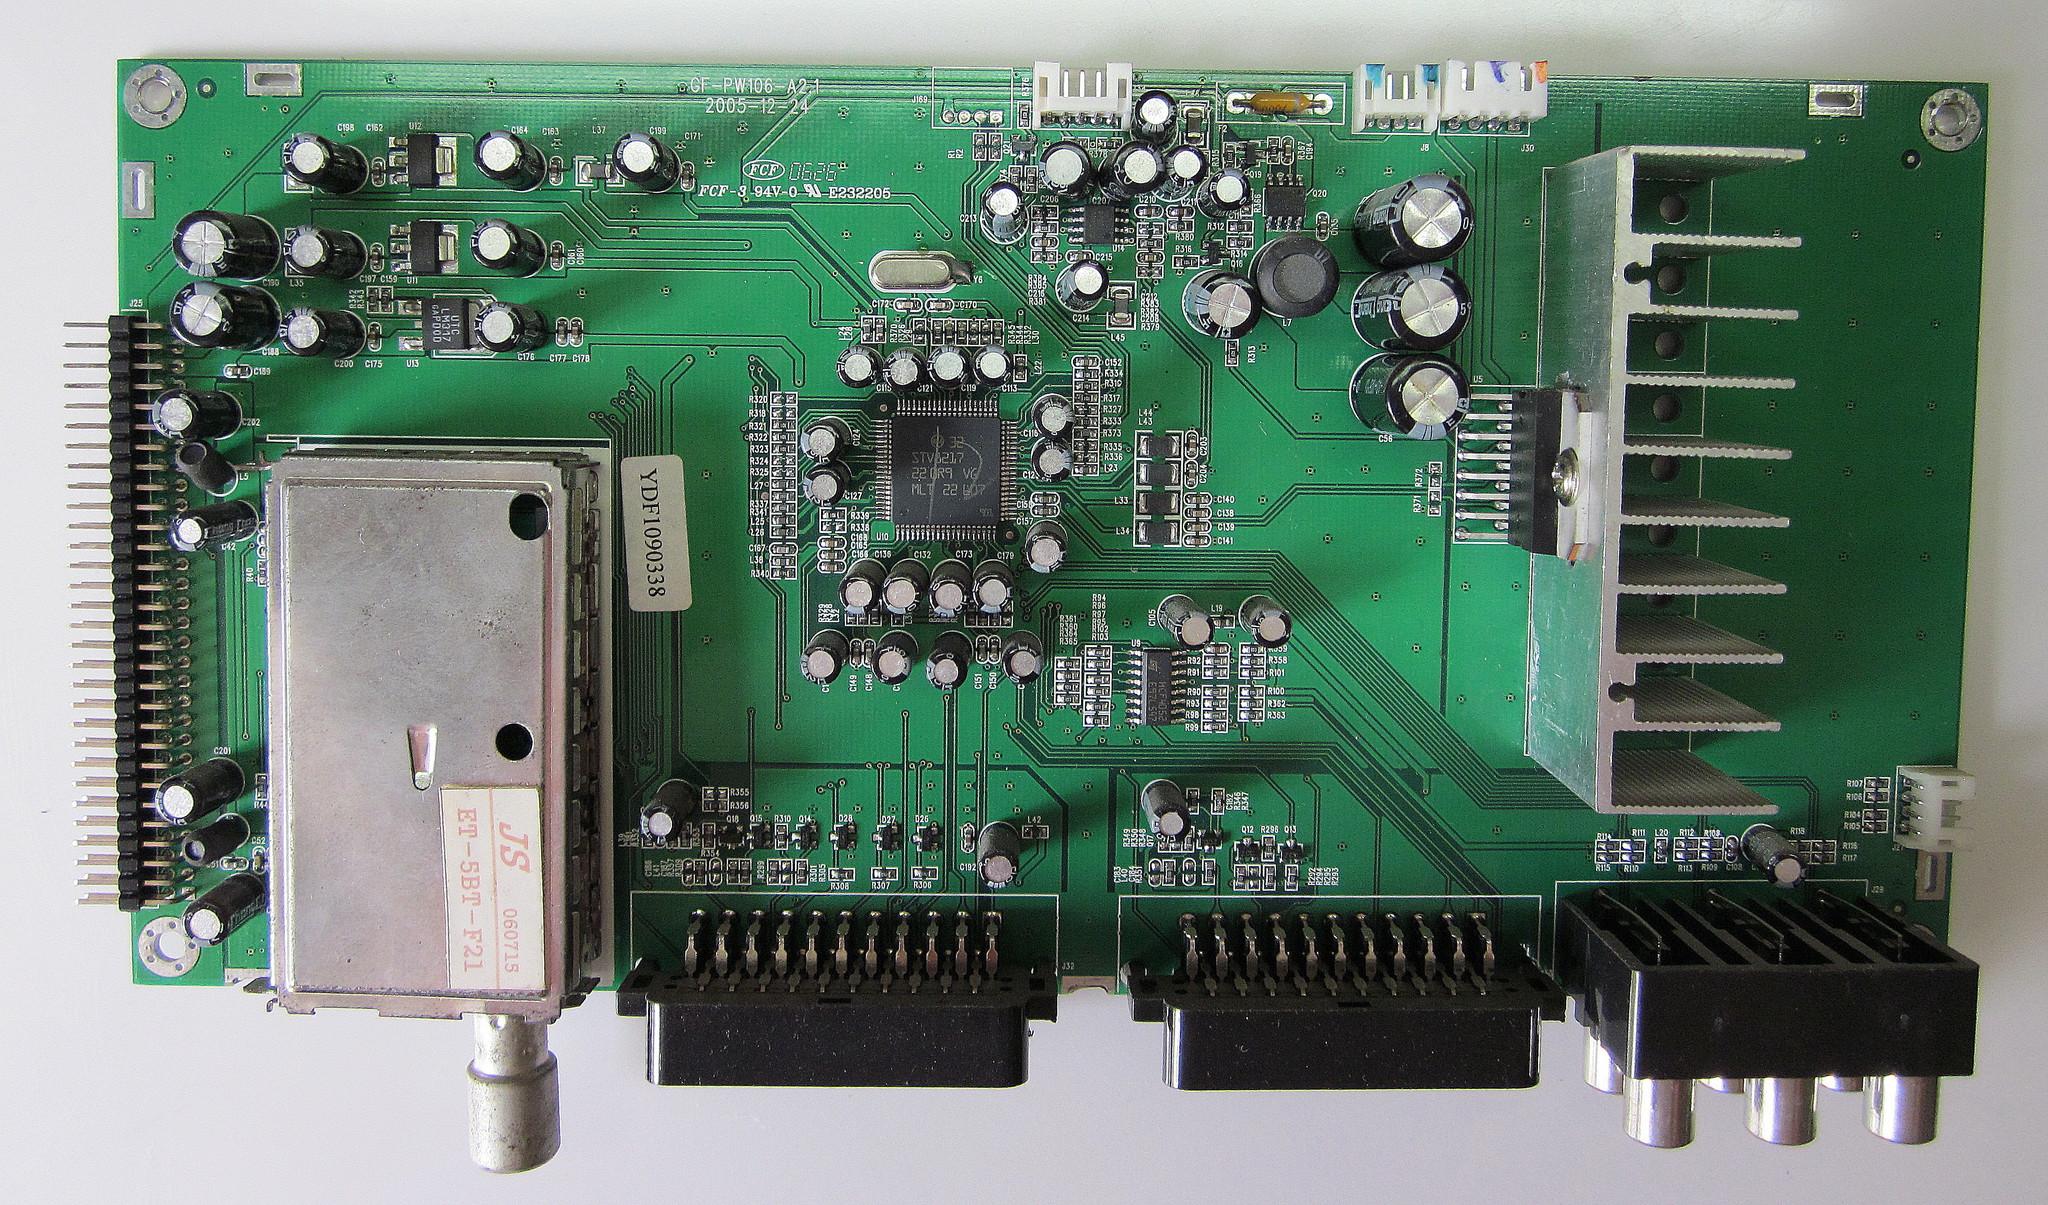 GF-PW106-A2.1